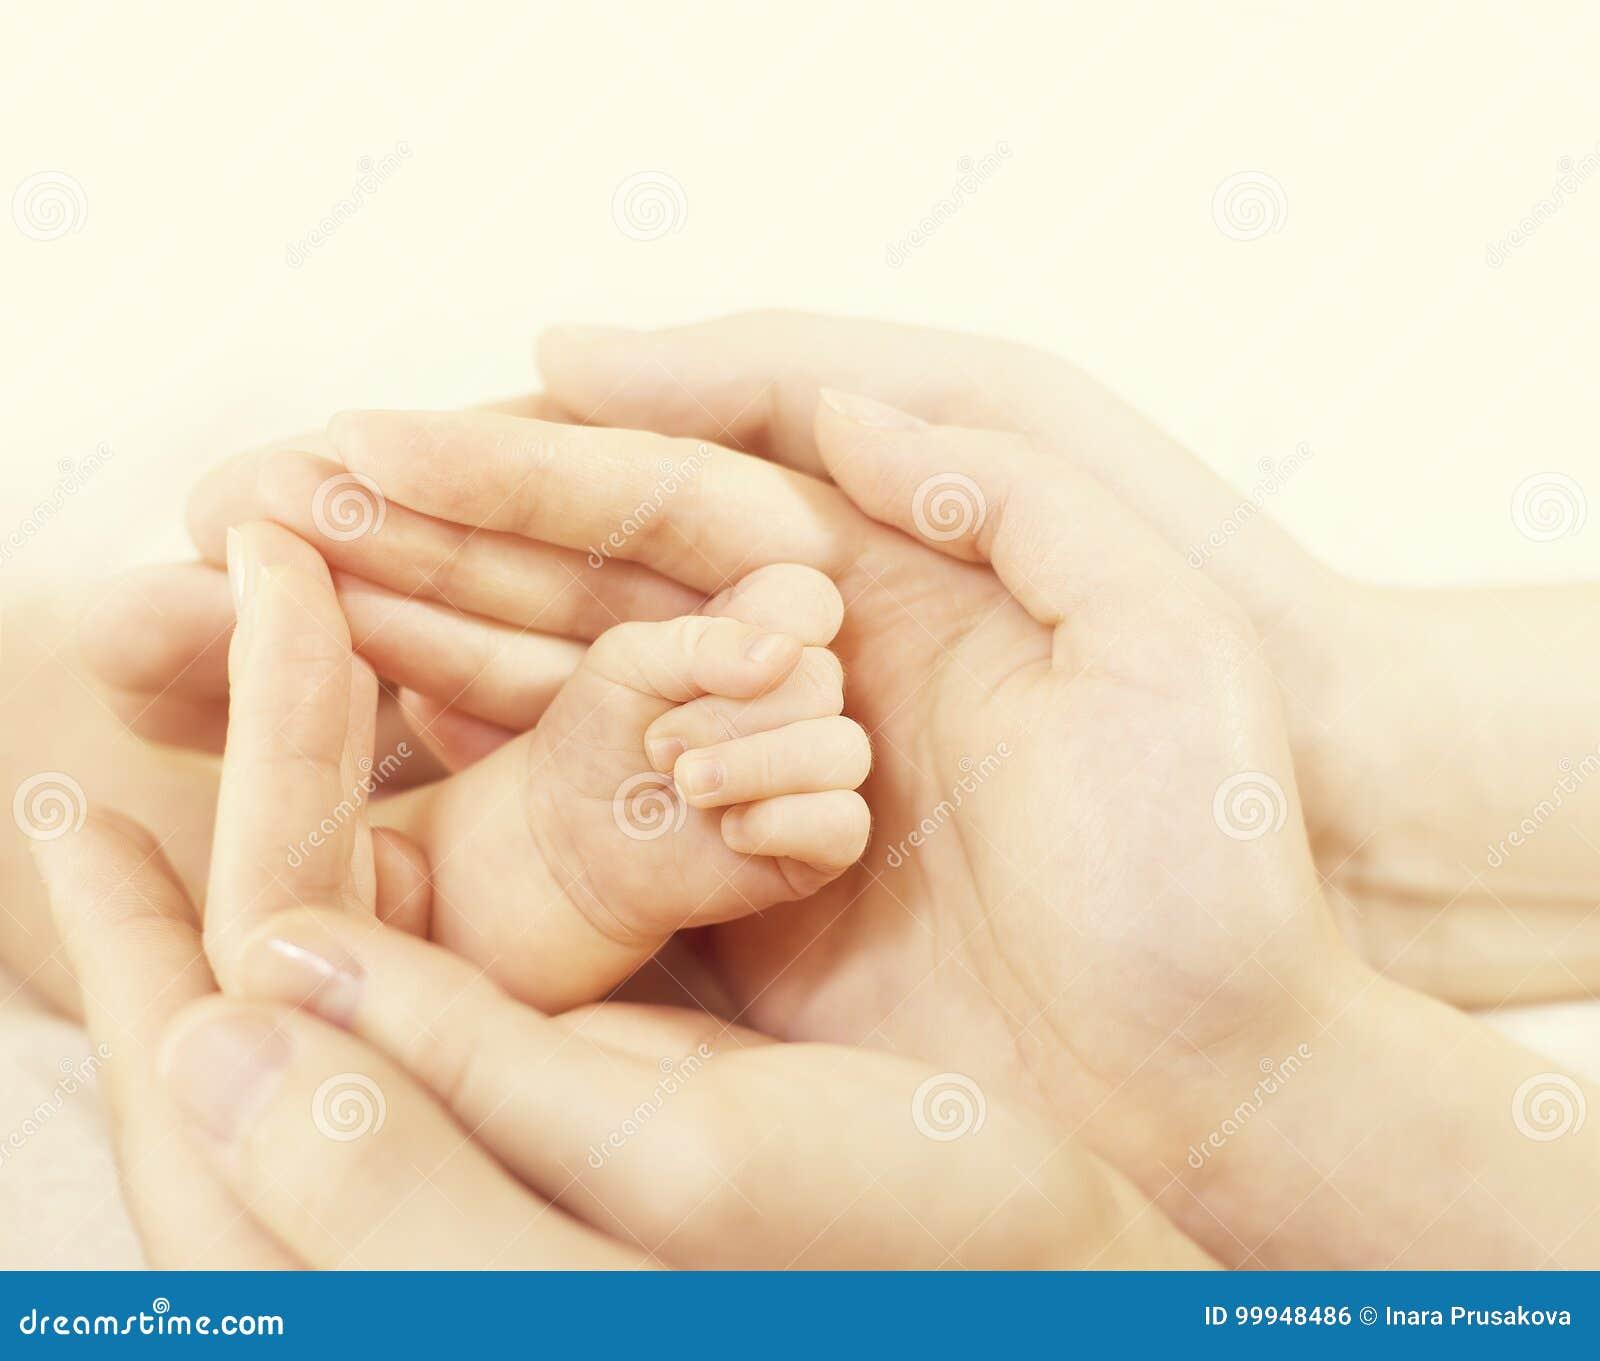 Neugeborene Baby-Hand in den Familien-Händen, Eltern-Griff schützen neugeborenes